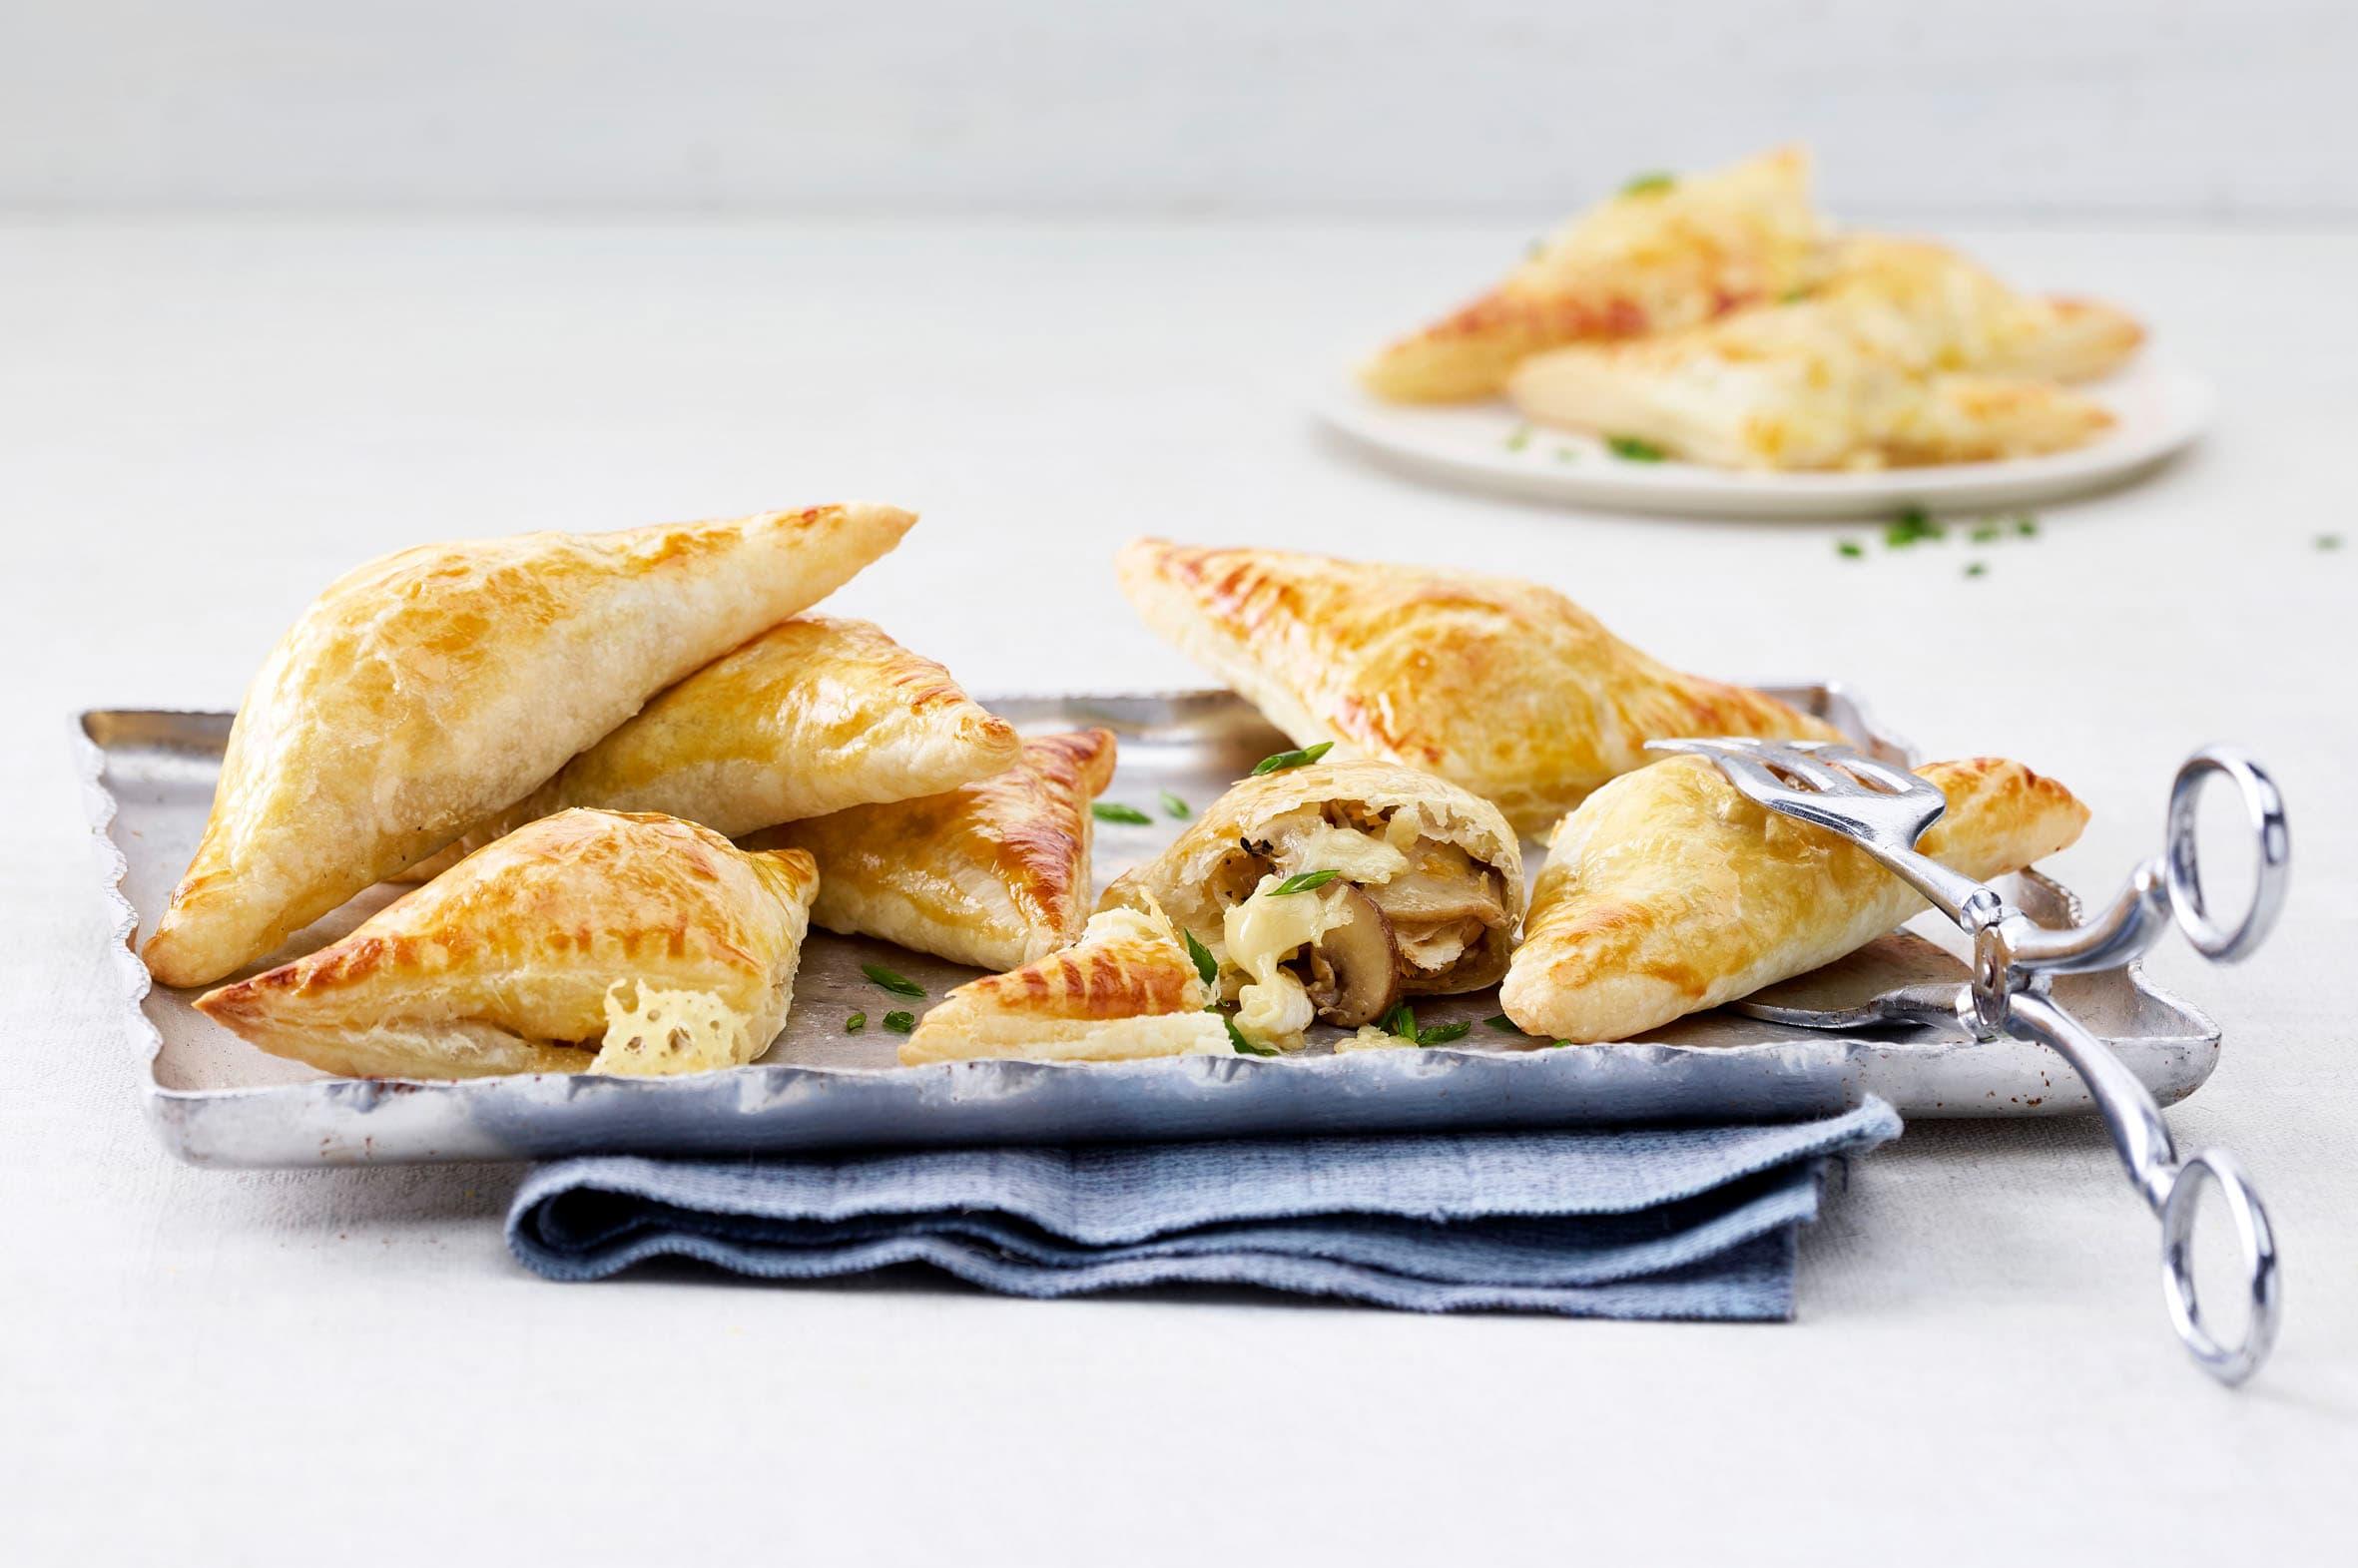 Piroggen mit Pilz-Käse-Füllung